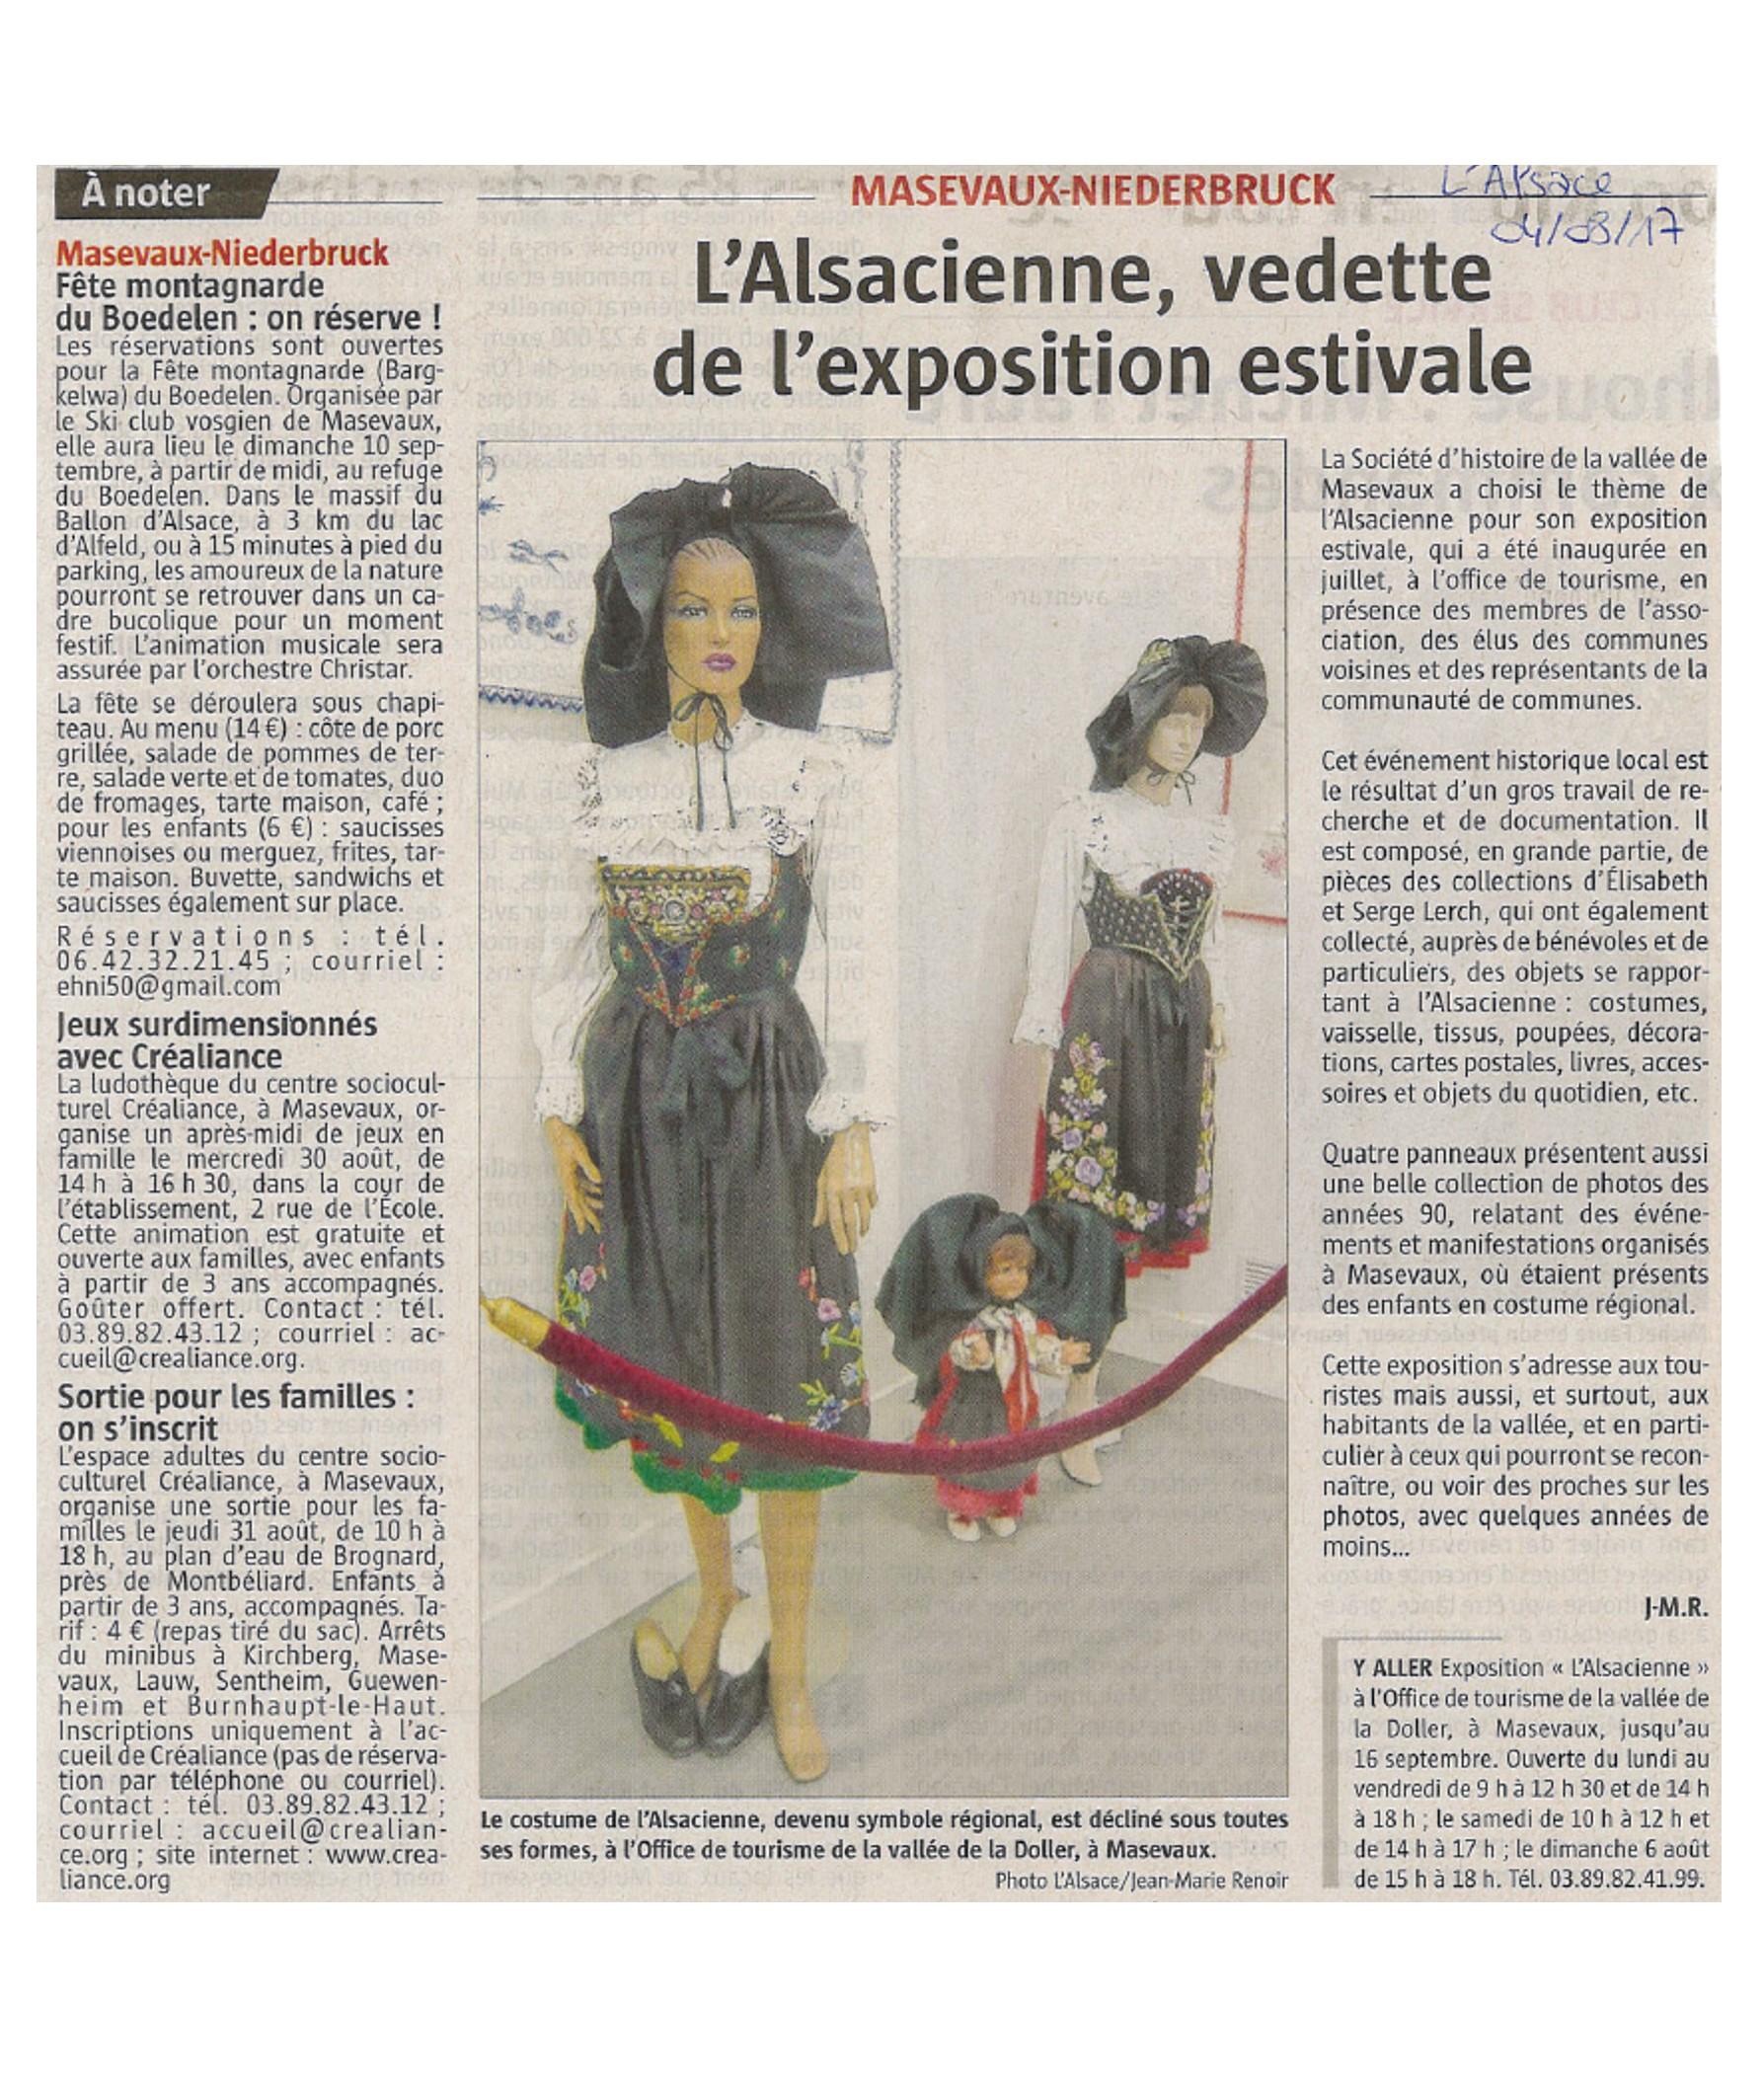 L'Alsacienne, vedette de l'exposition estivale - L'Alsace - 04-08-2017